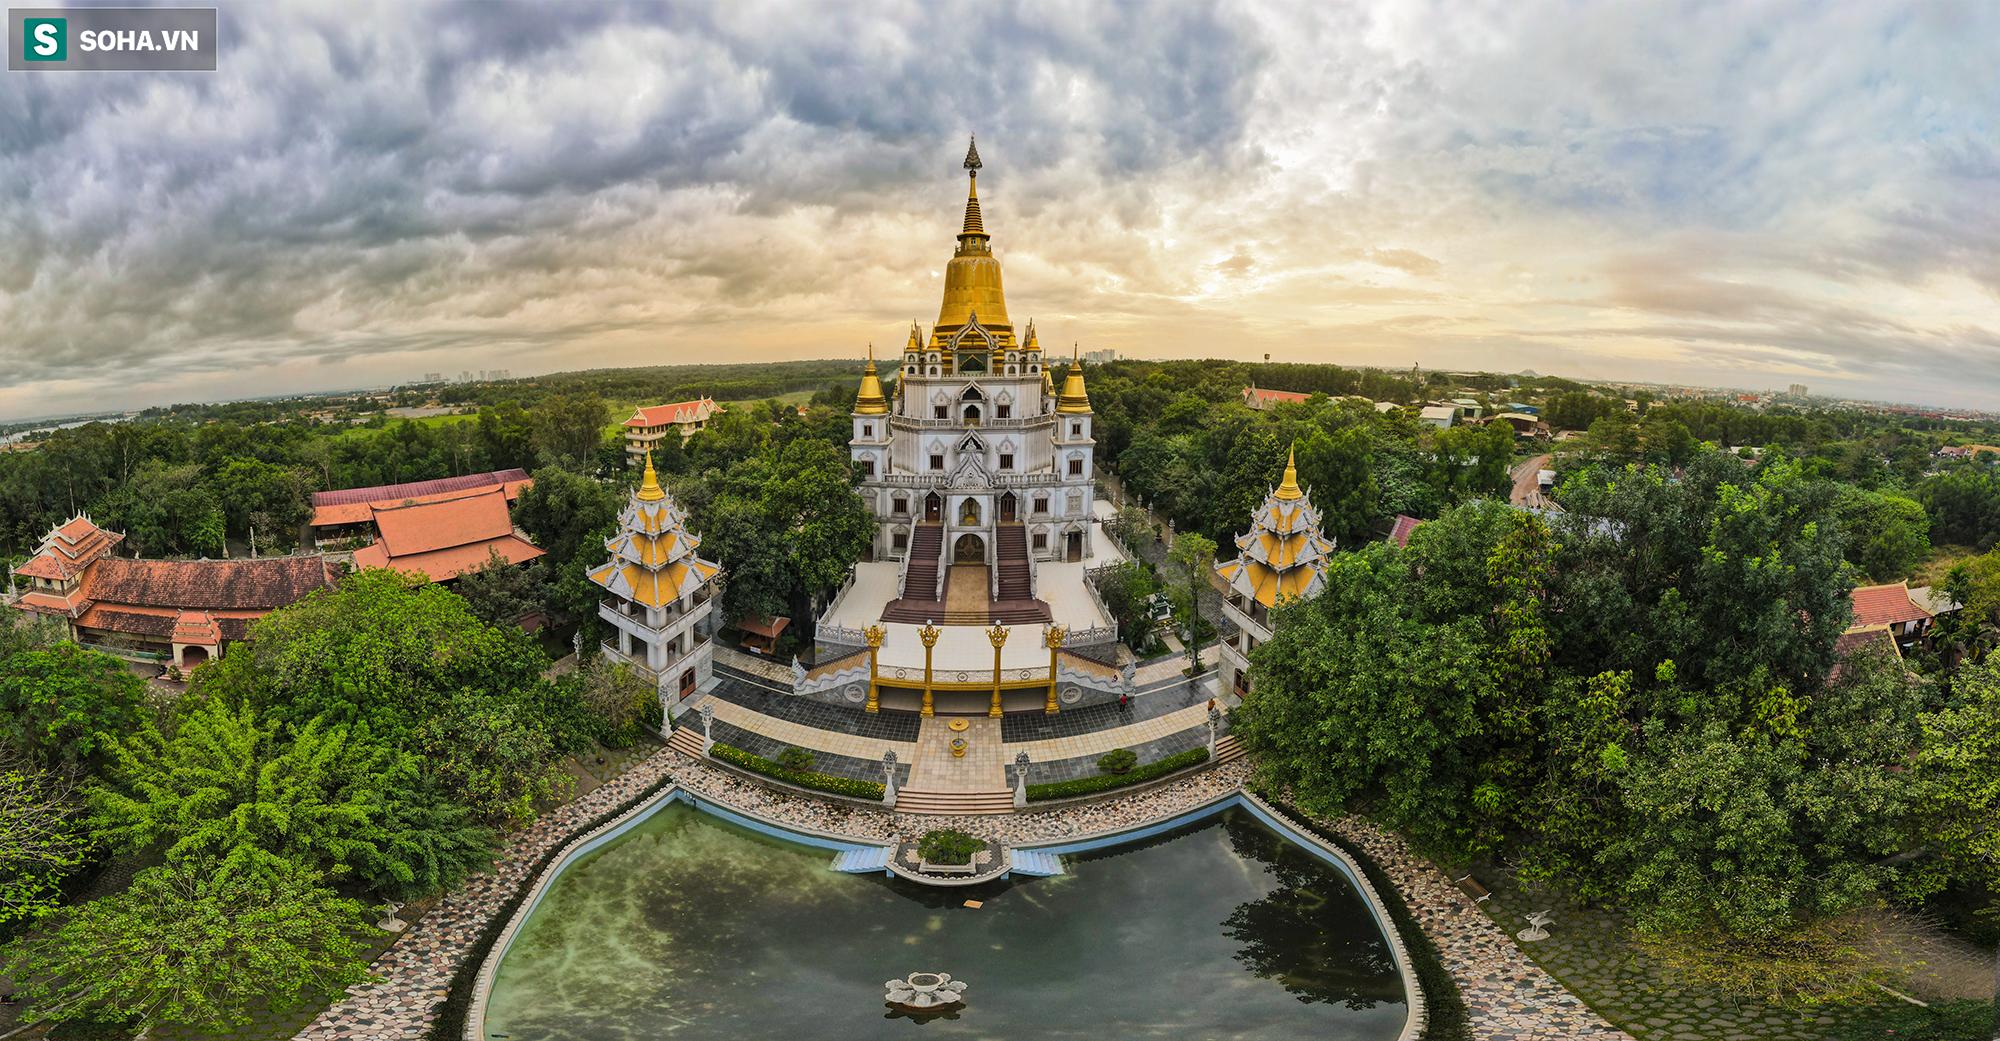 [Ảnh] Ngắm vẻ đẹp huyền bí của ngôi chùa lọt top đẹp nhất thế giới tọa lạc tại TP.Thủ Đức - Ảnh 1.